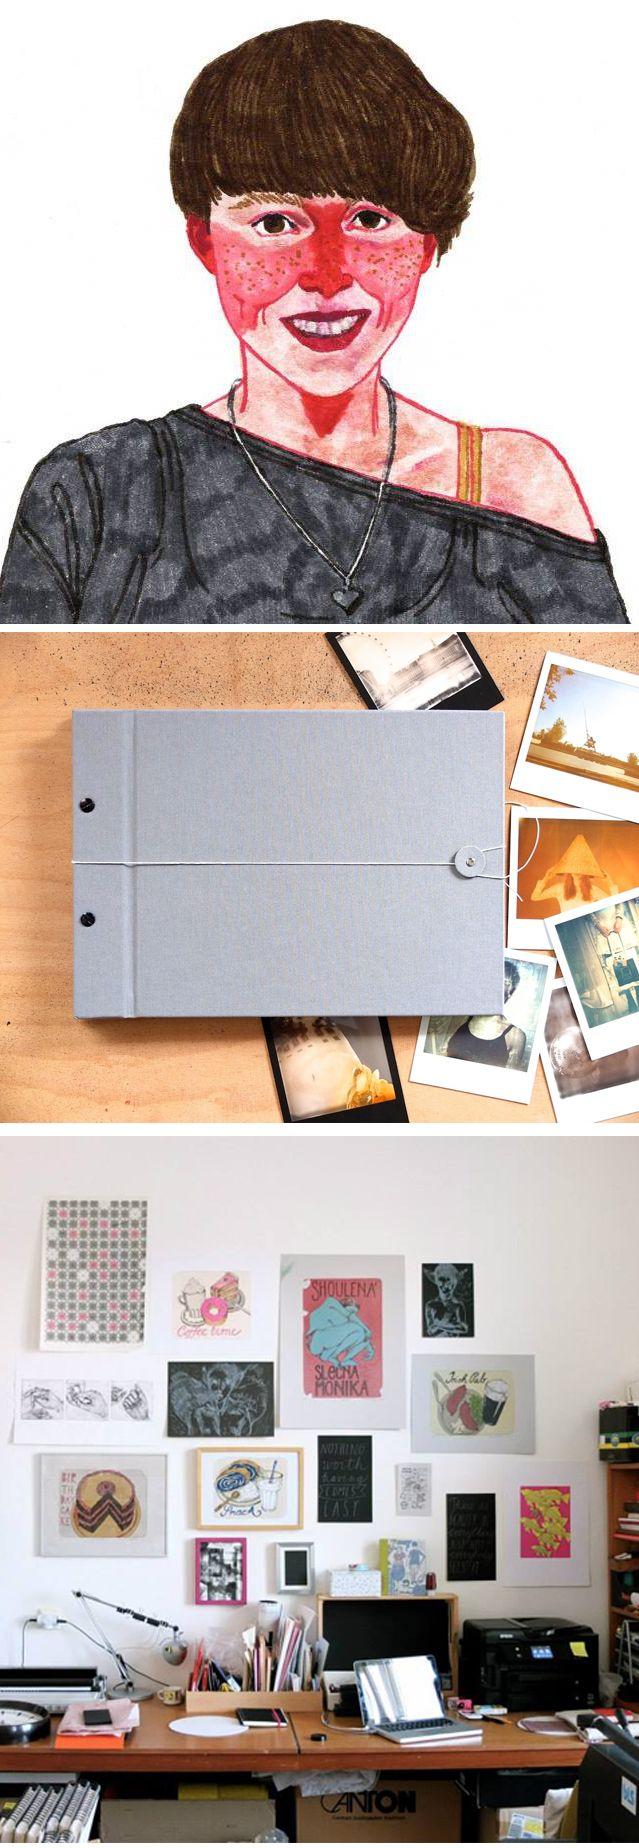 Paragraph paper&graphics. #paragraphcz #popoutcz #popoutdesignmarket #karolinastrykova #madeinczech #handmade #paperandgraphics